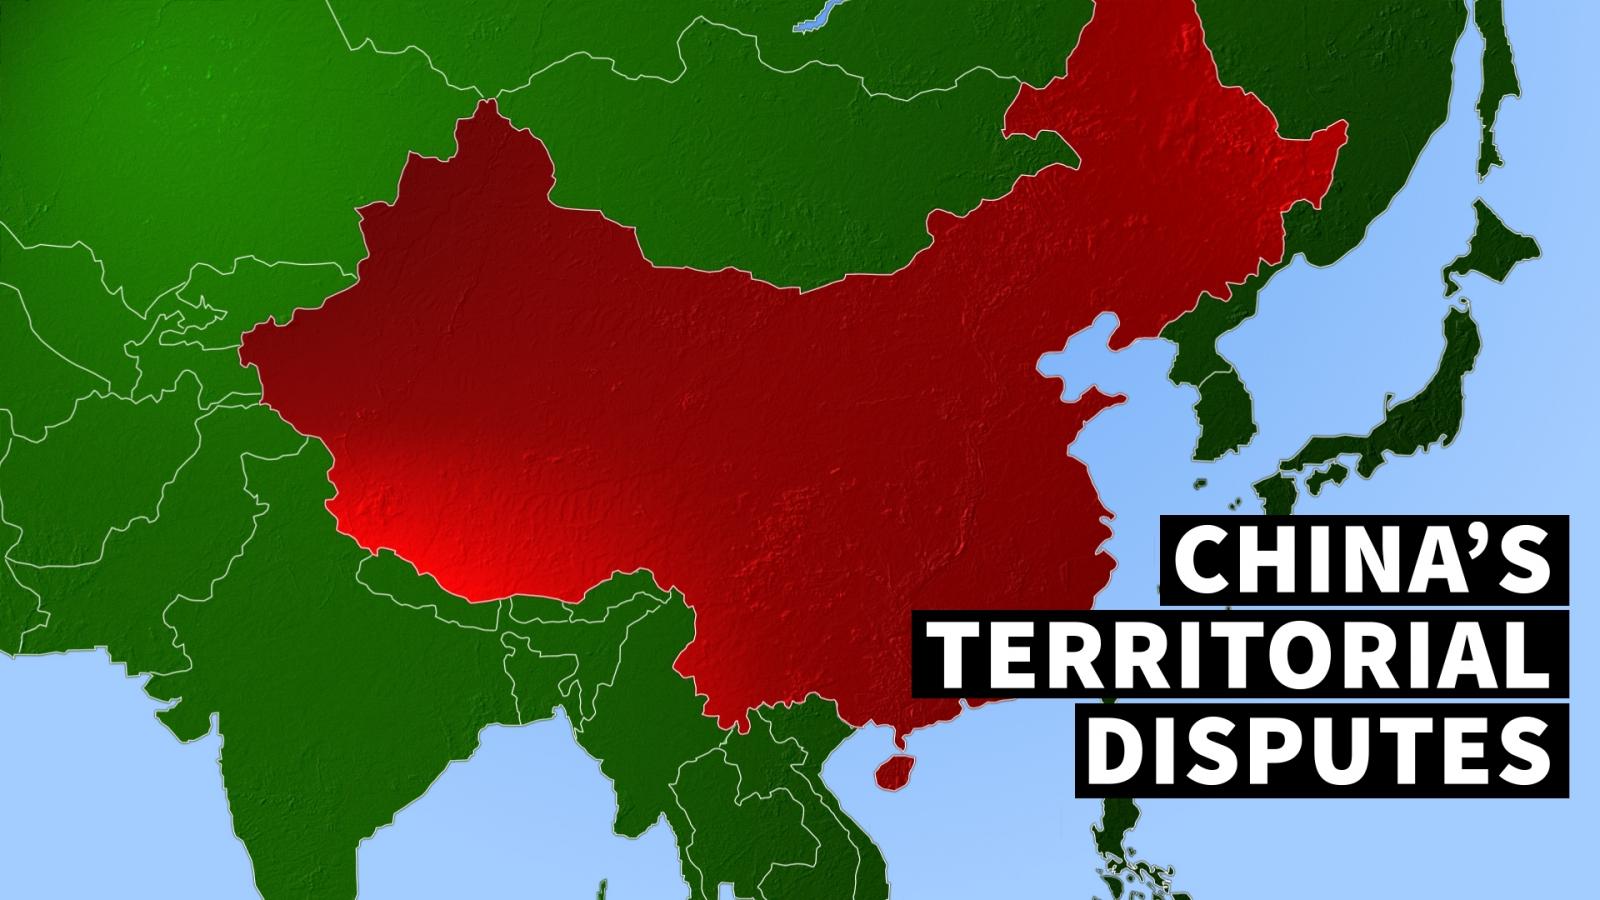 China territorial disputes